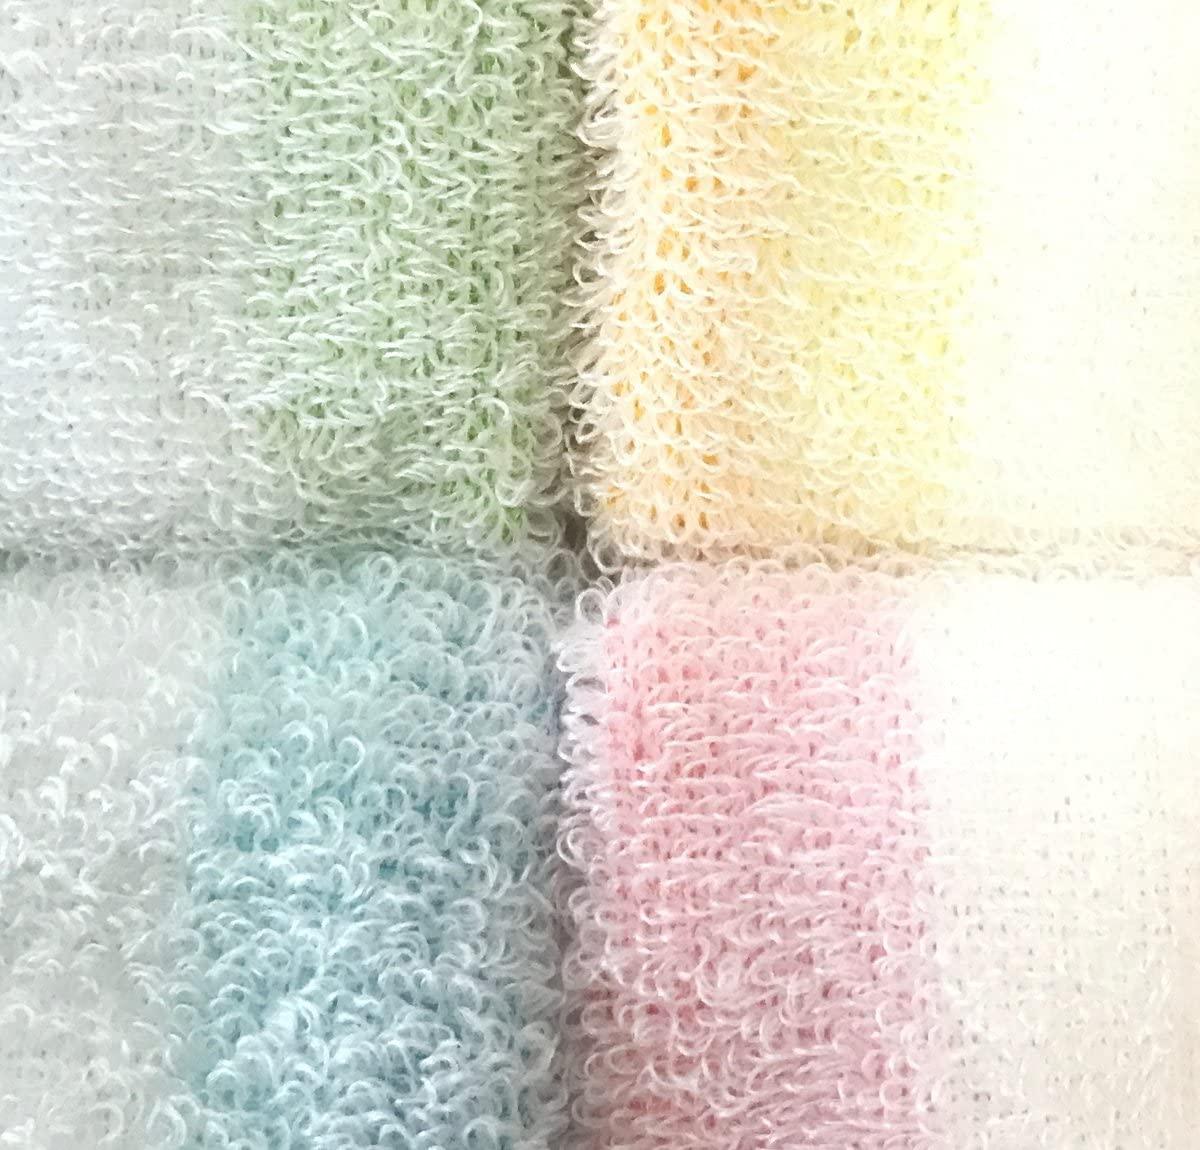 MARNA(マーナ) うさぎのしっぽのボディタオル B009の商品画像5